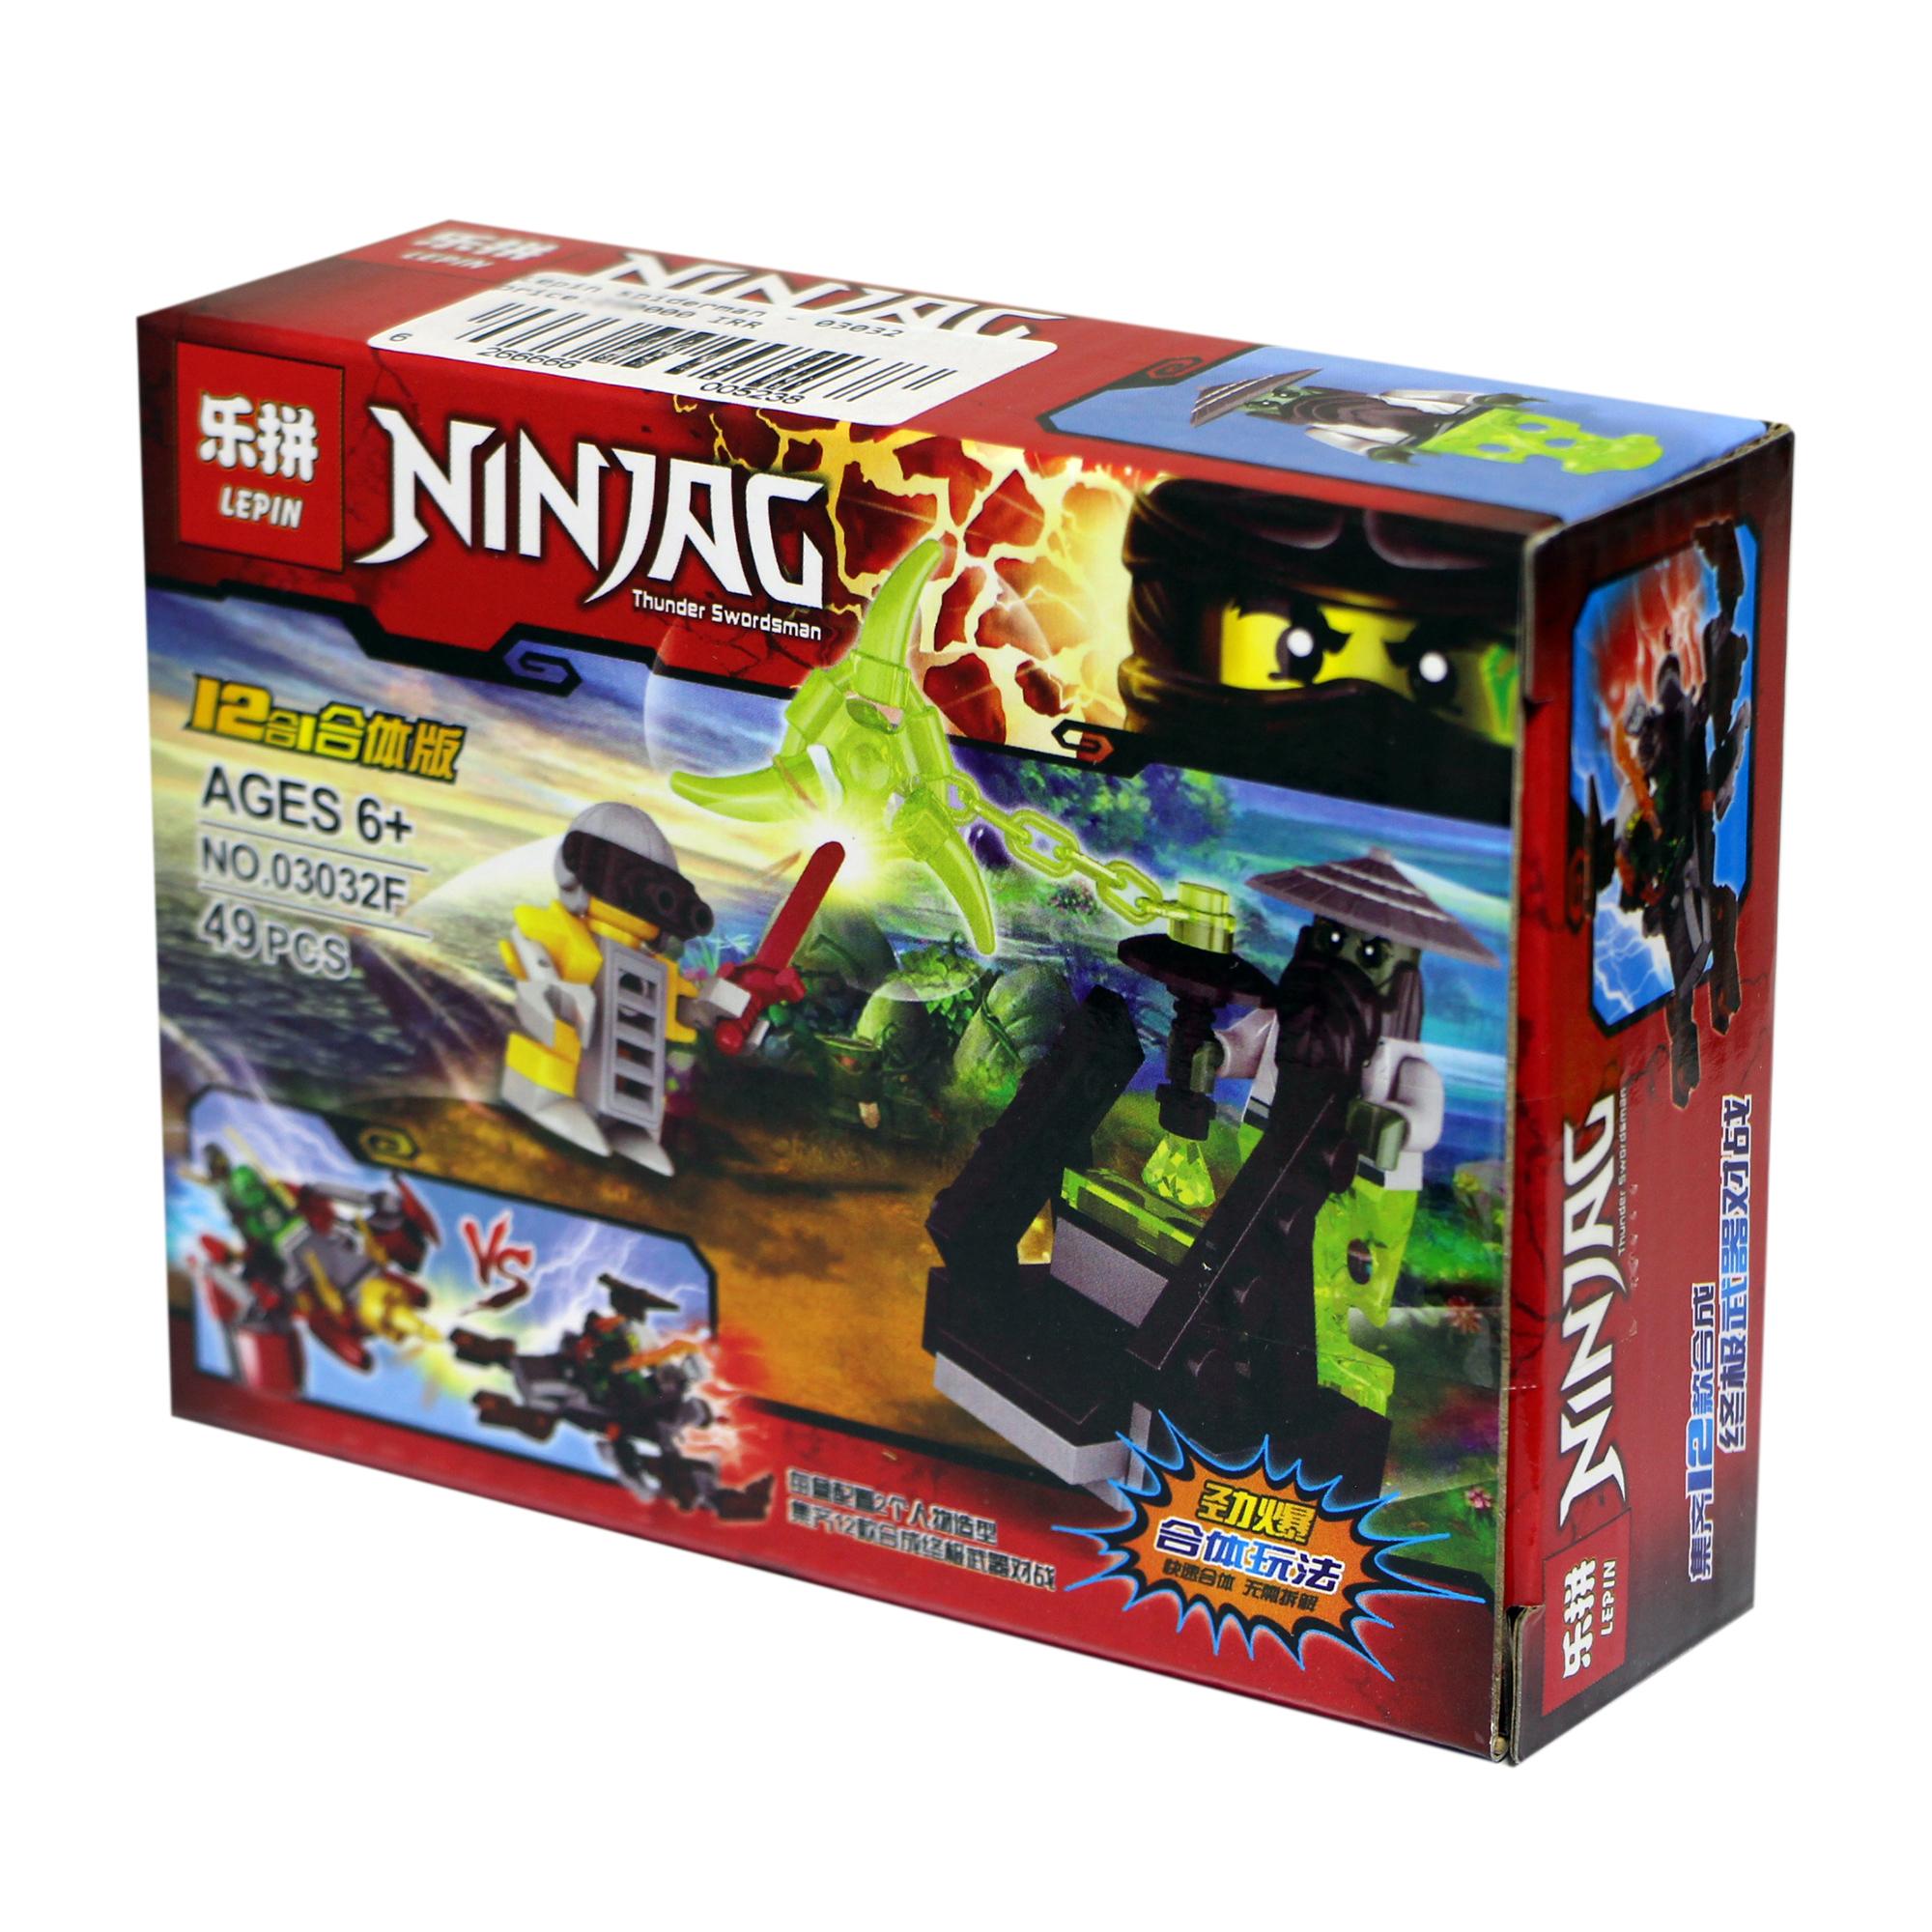 ساختنی لپین مدل Ninjag 03032F